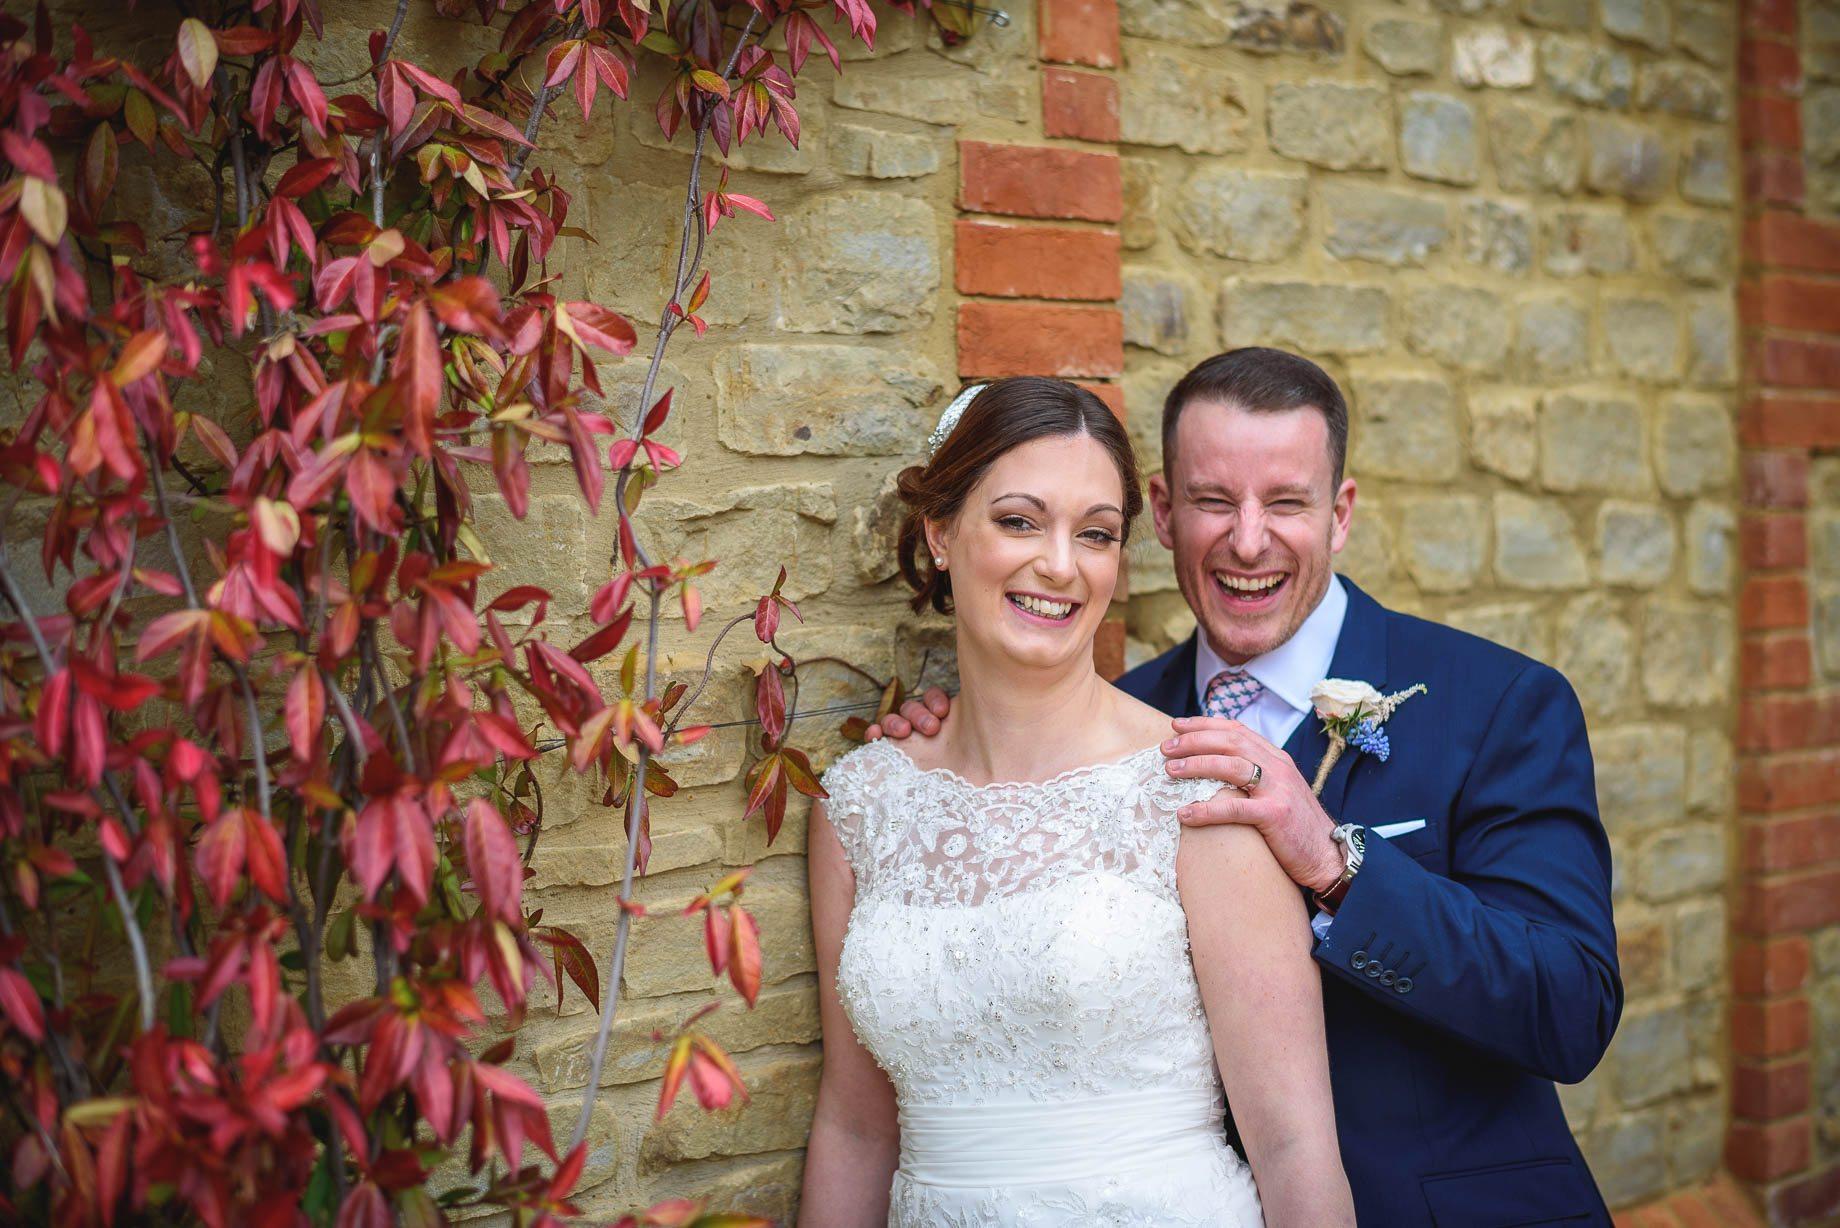 Millbridge Court Wedding Photography - Lisa and Daniel (97 of 173)